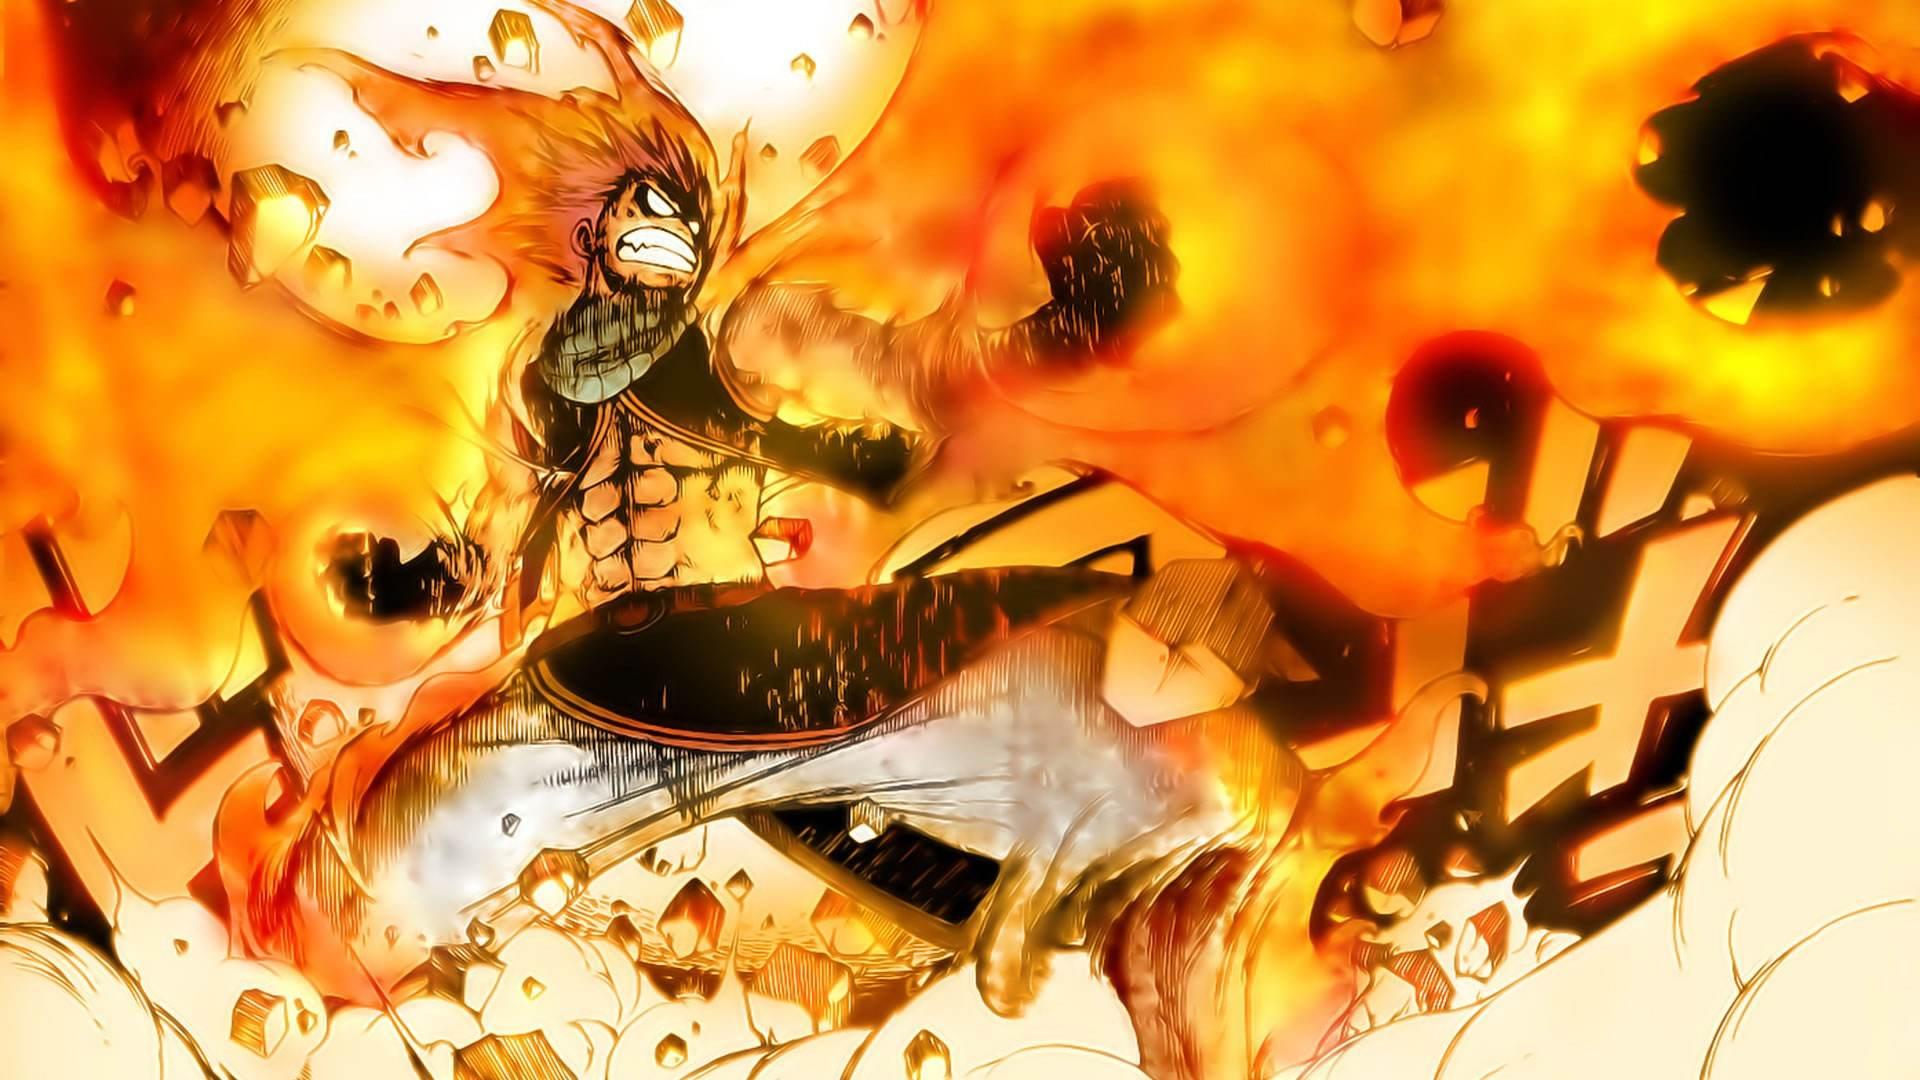 全新日漫改编手游《妖精的尾巴》视频曝光 重燃你的热血